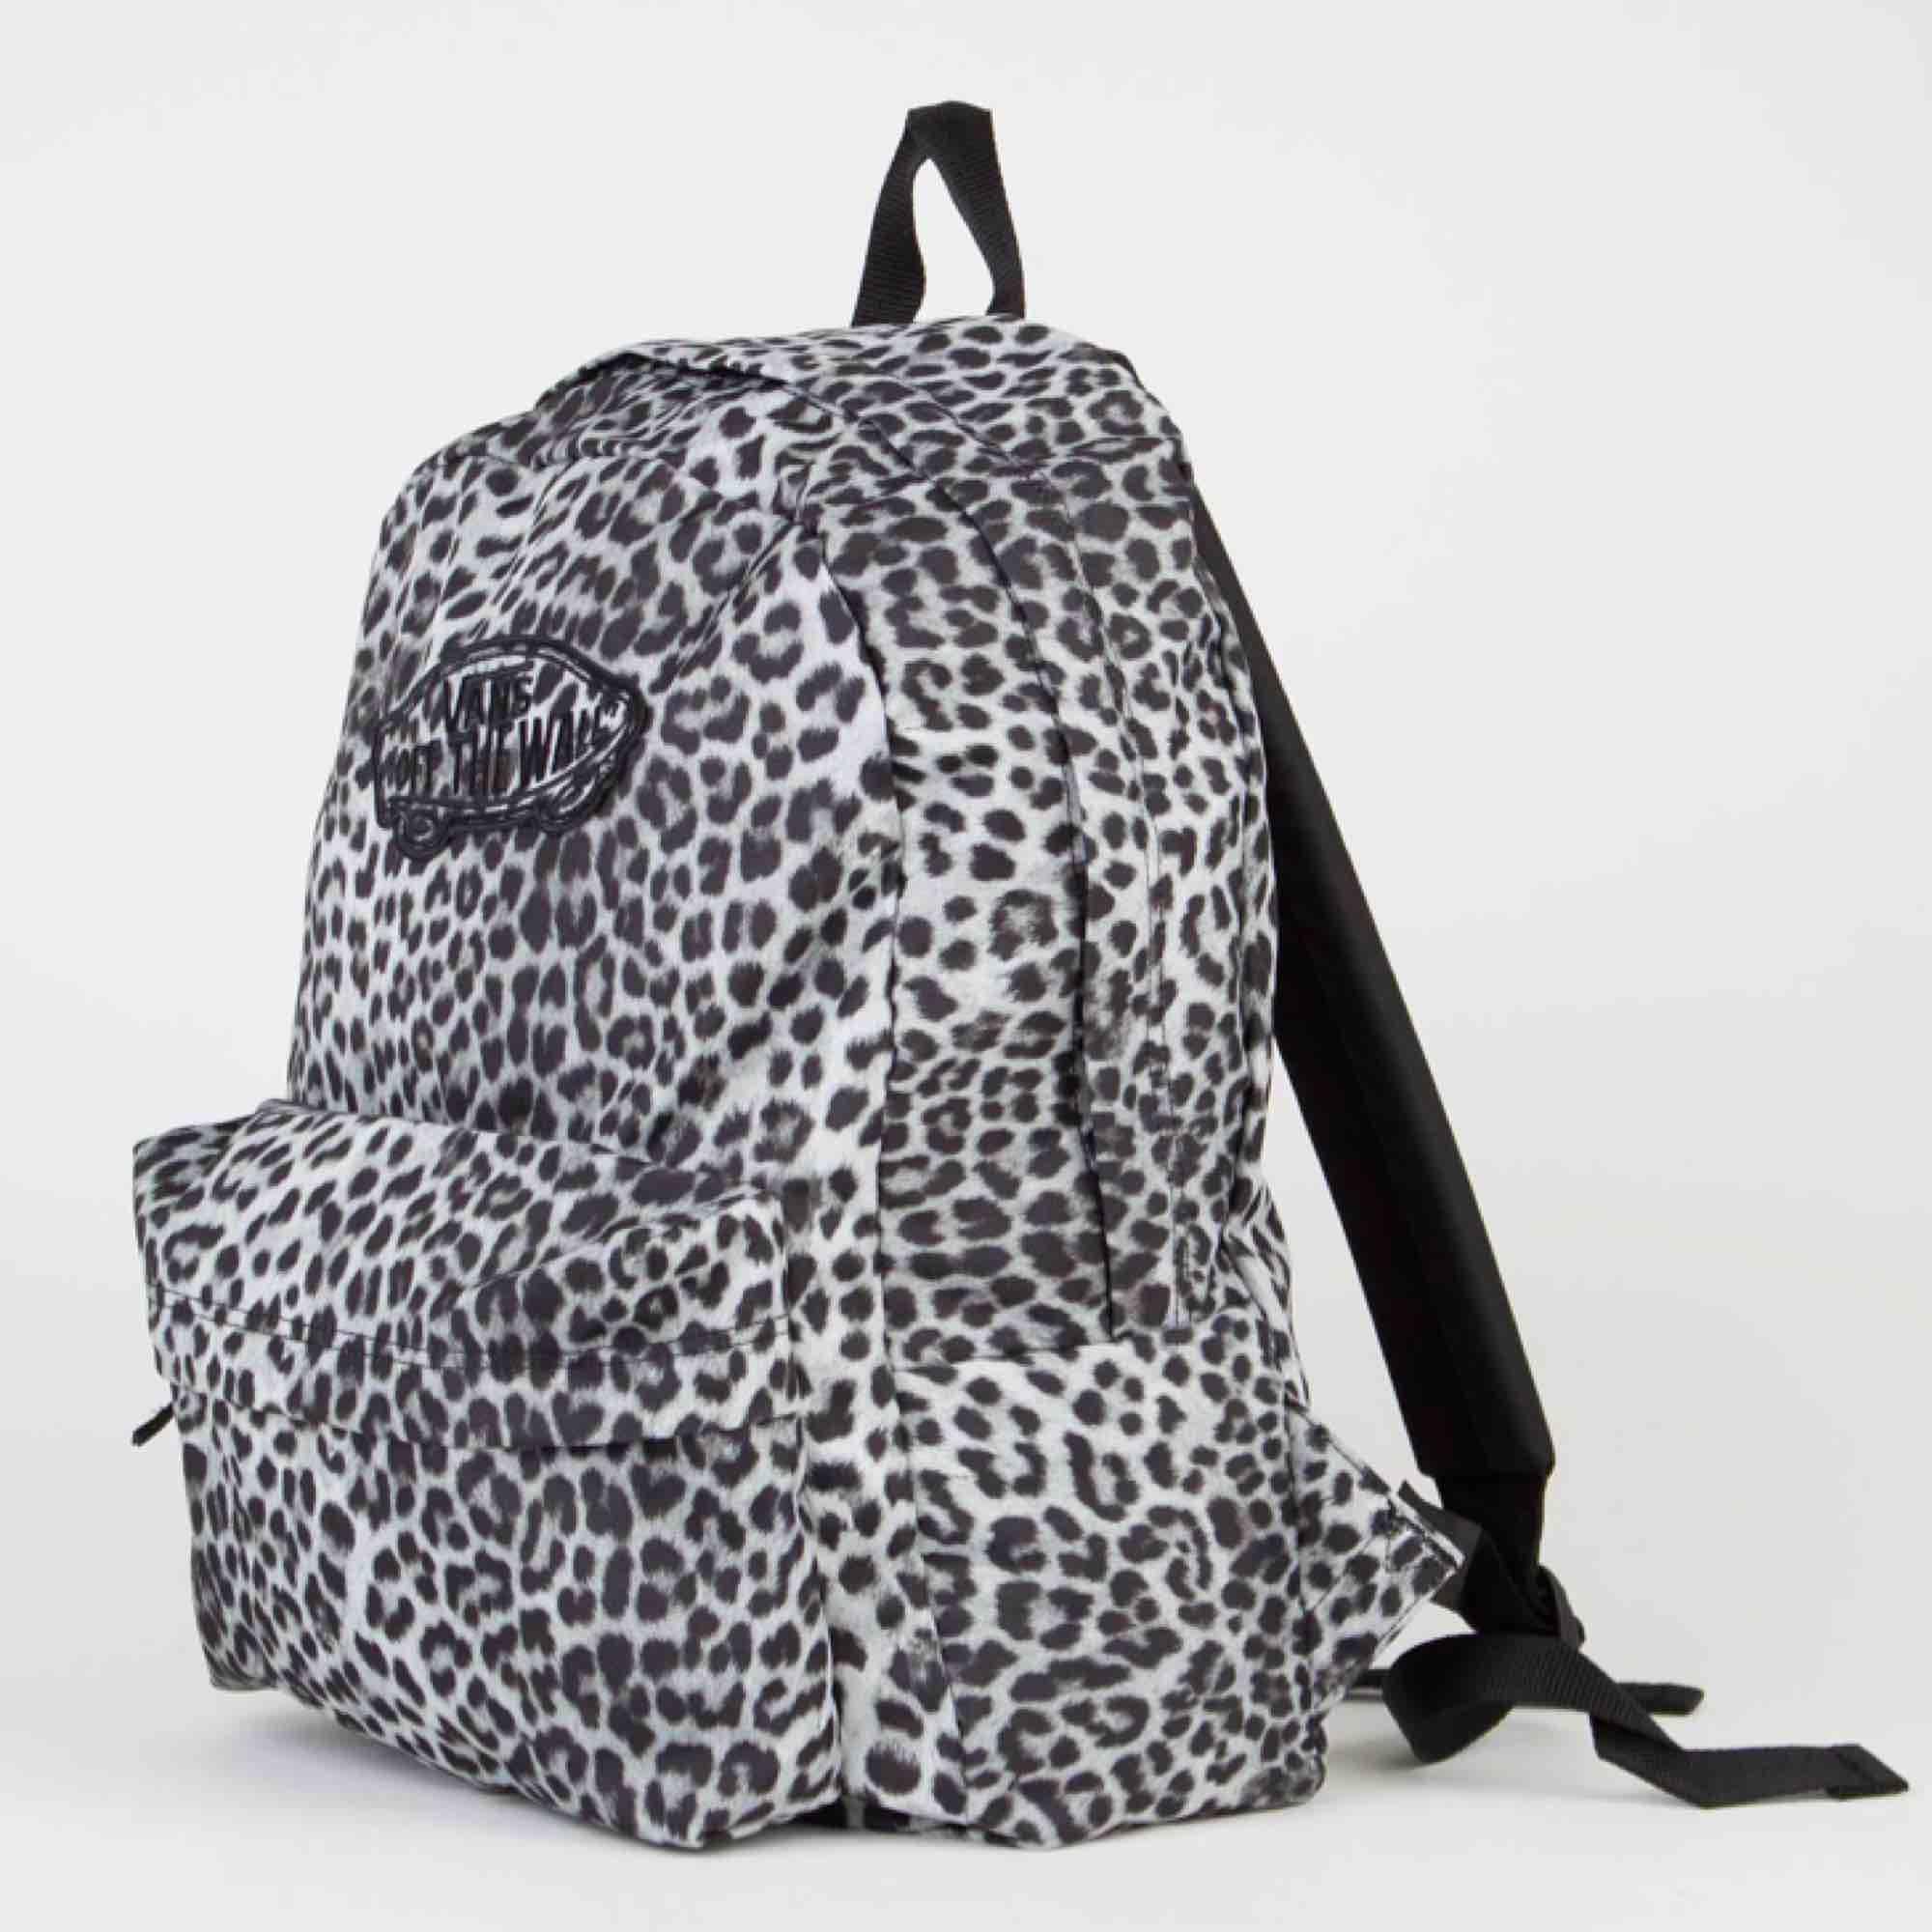 a552b9cd780 ... Superb taske fra varevogne. Forsendelsen er tilføjet. Oprindelig pris  omkring 300-400 SEK ...